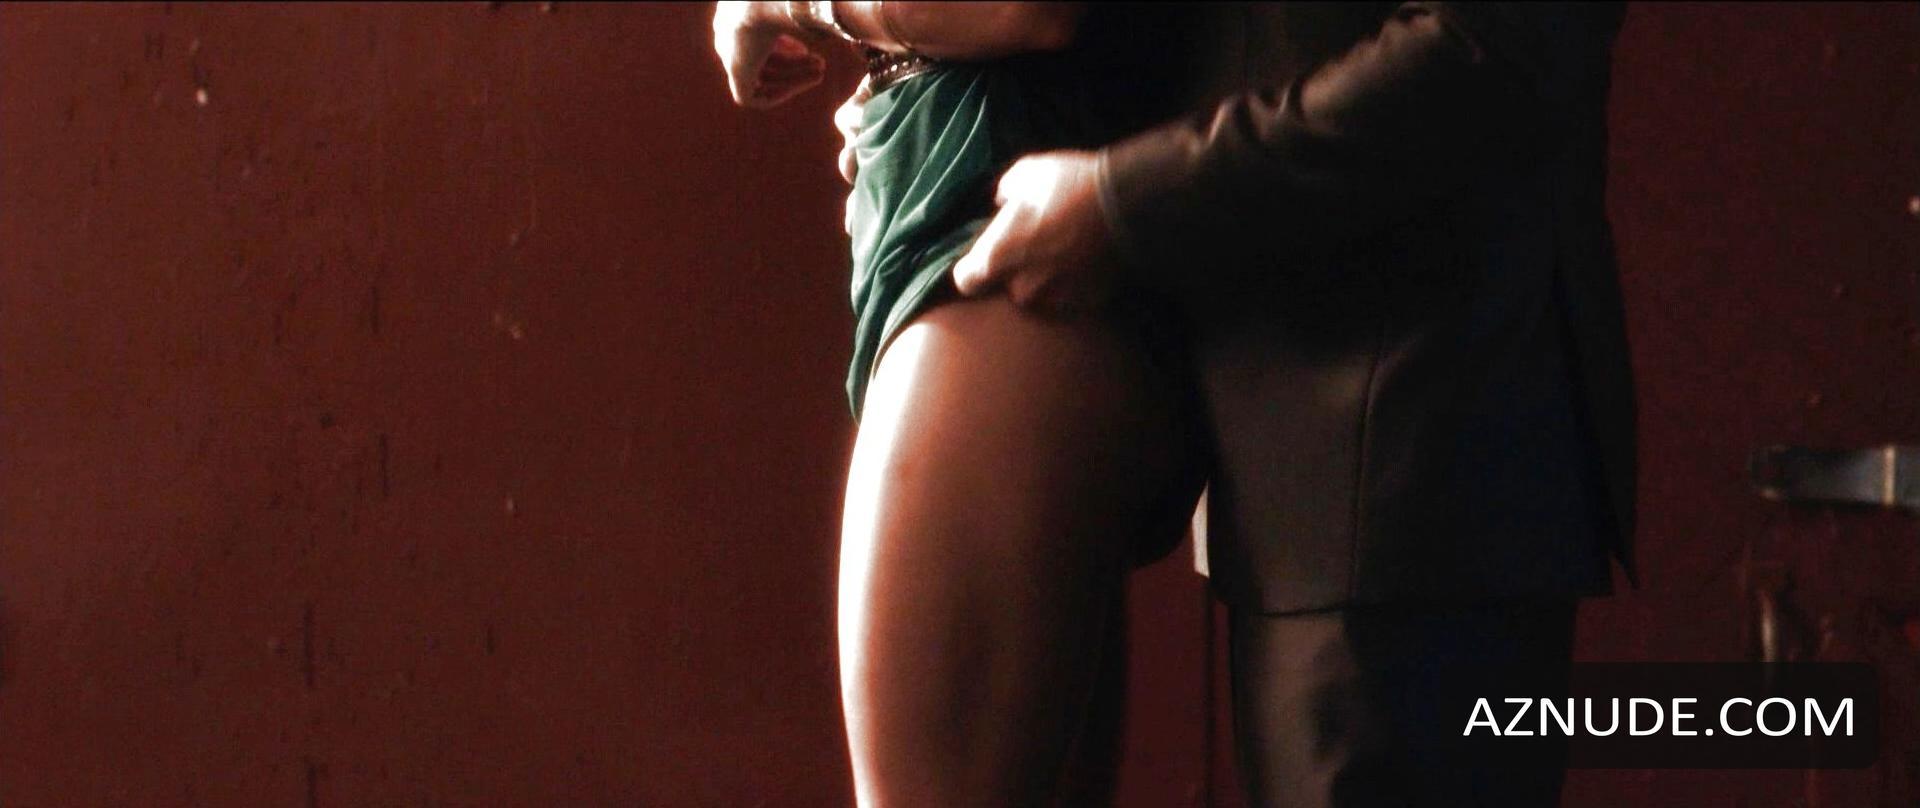 misogynist nude scenes aznude